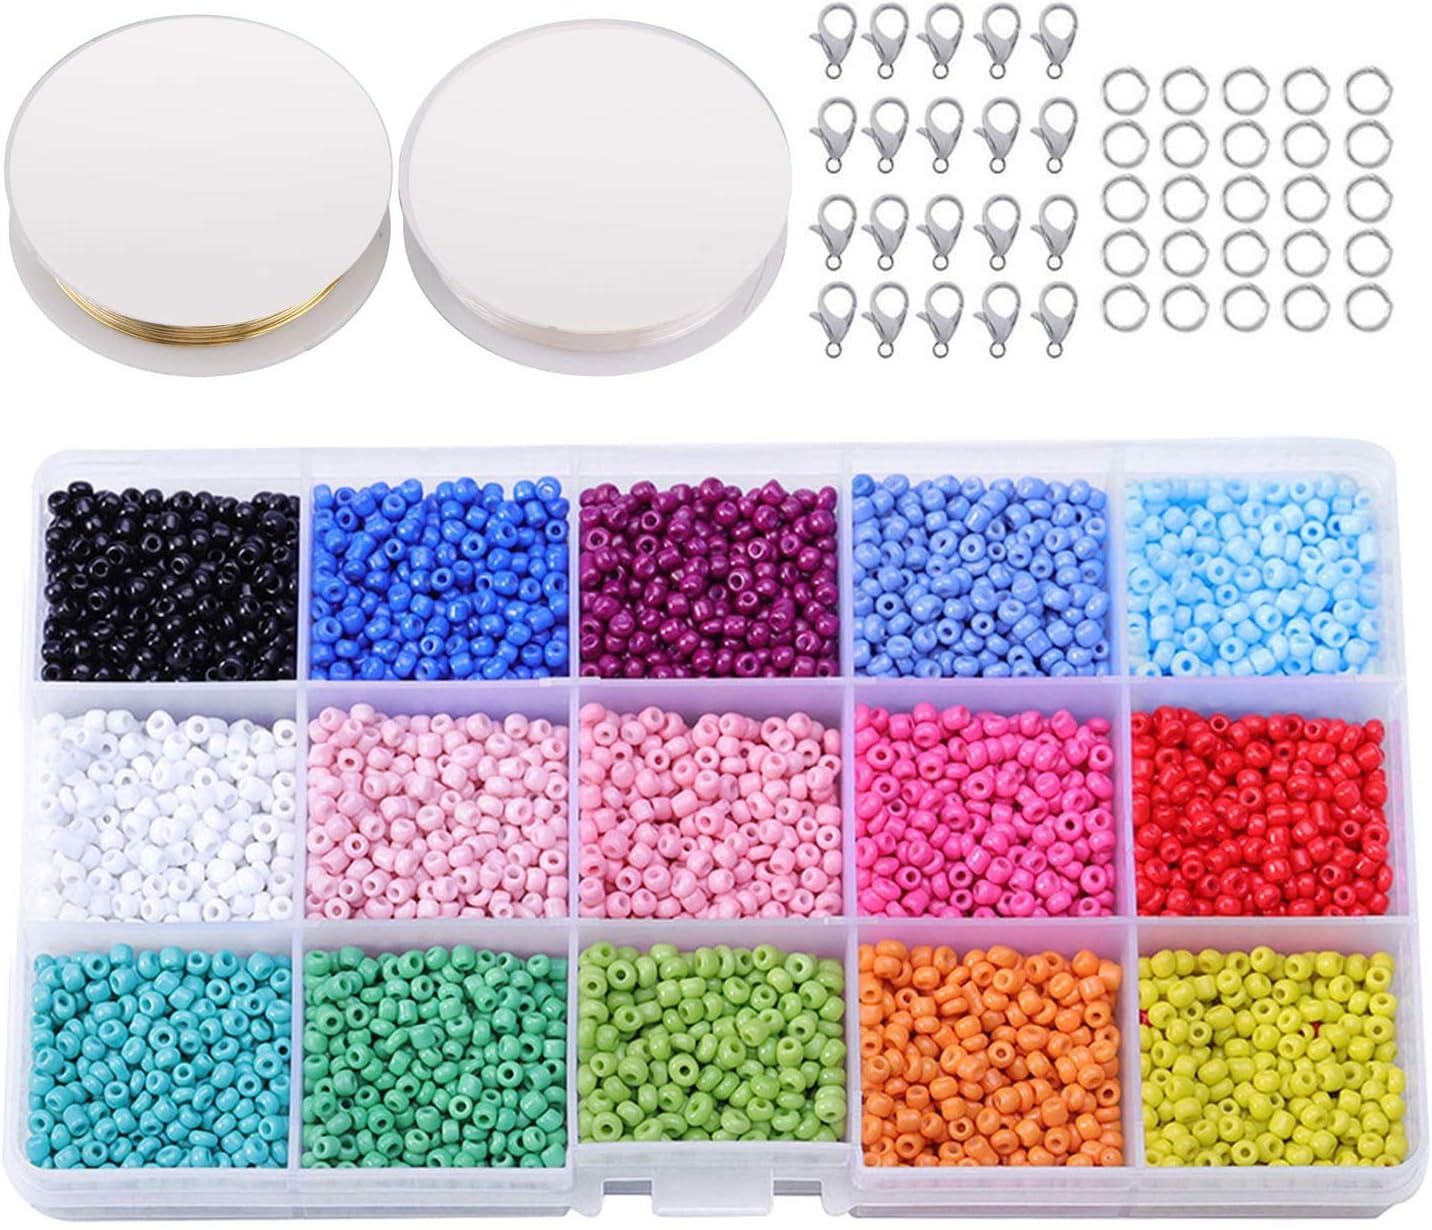 Abalorios para Hacer Collares, Abalorios para Hacer Pulseras, Vidrio de 3mm Perlas de Potro Hechas a Mano para Hacer Joyas Collares Pulseras Pendiente Bisutería Regalo DIY 7000-7500 Piezas